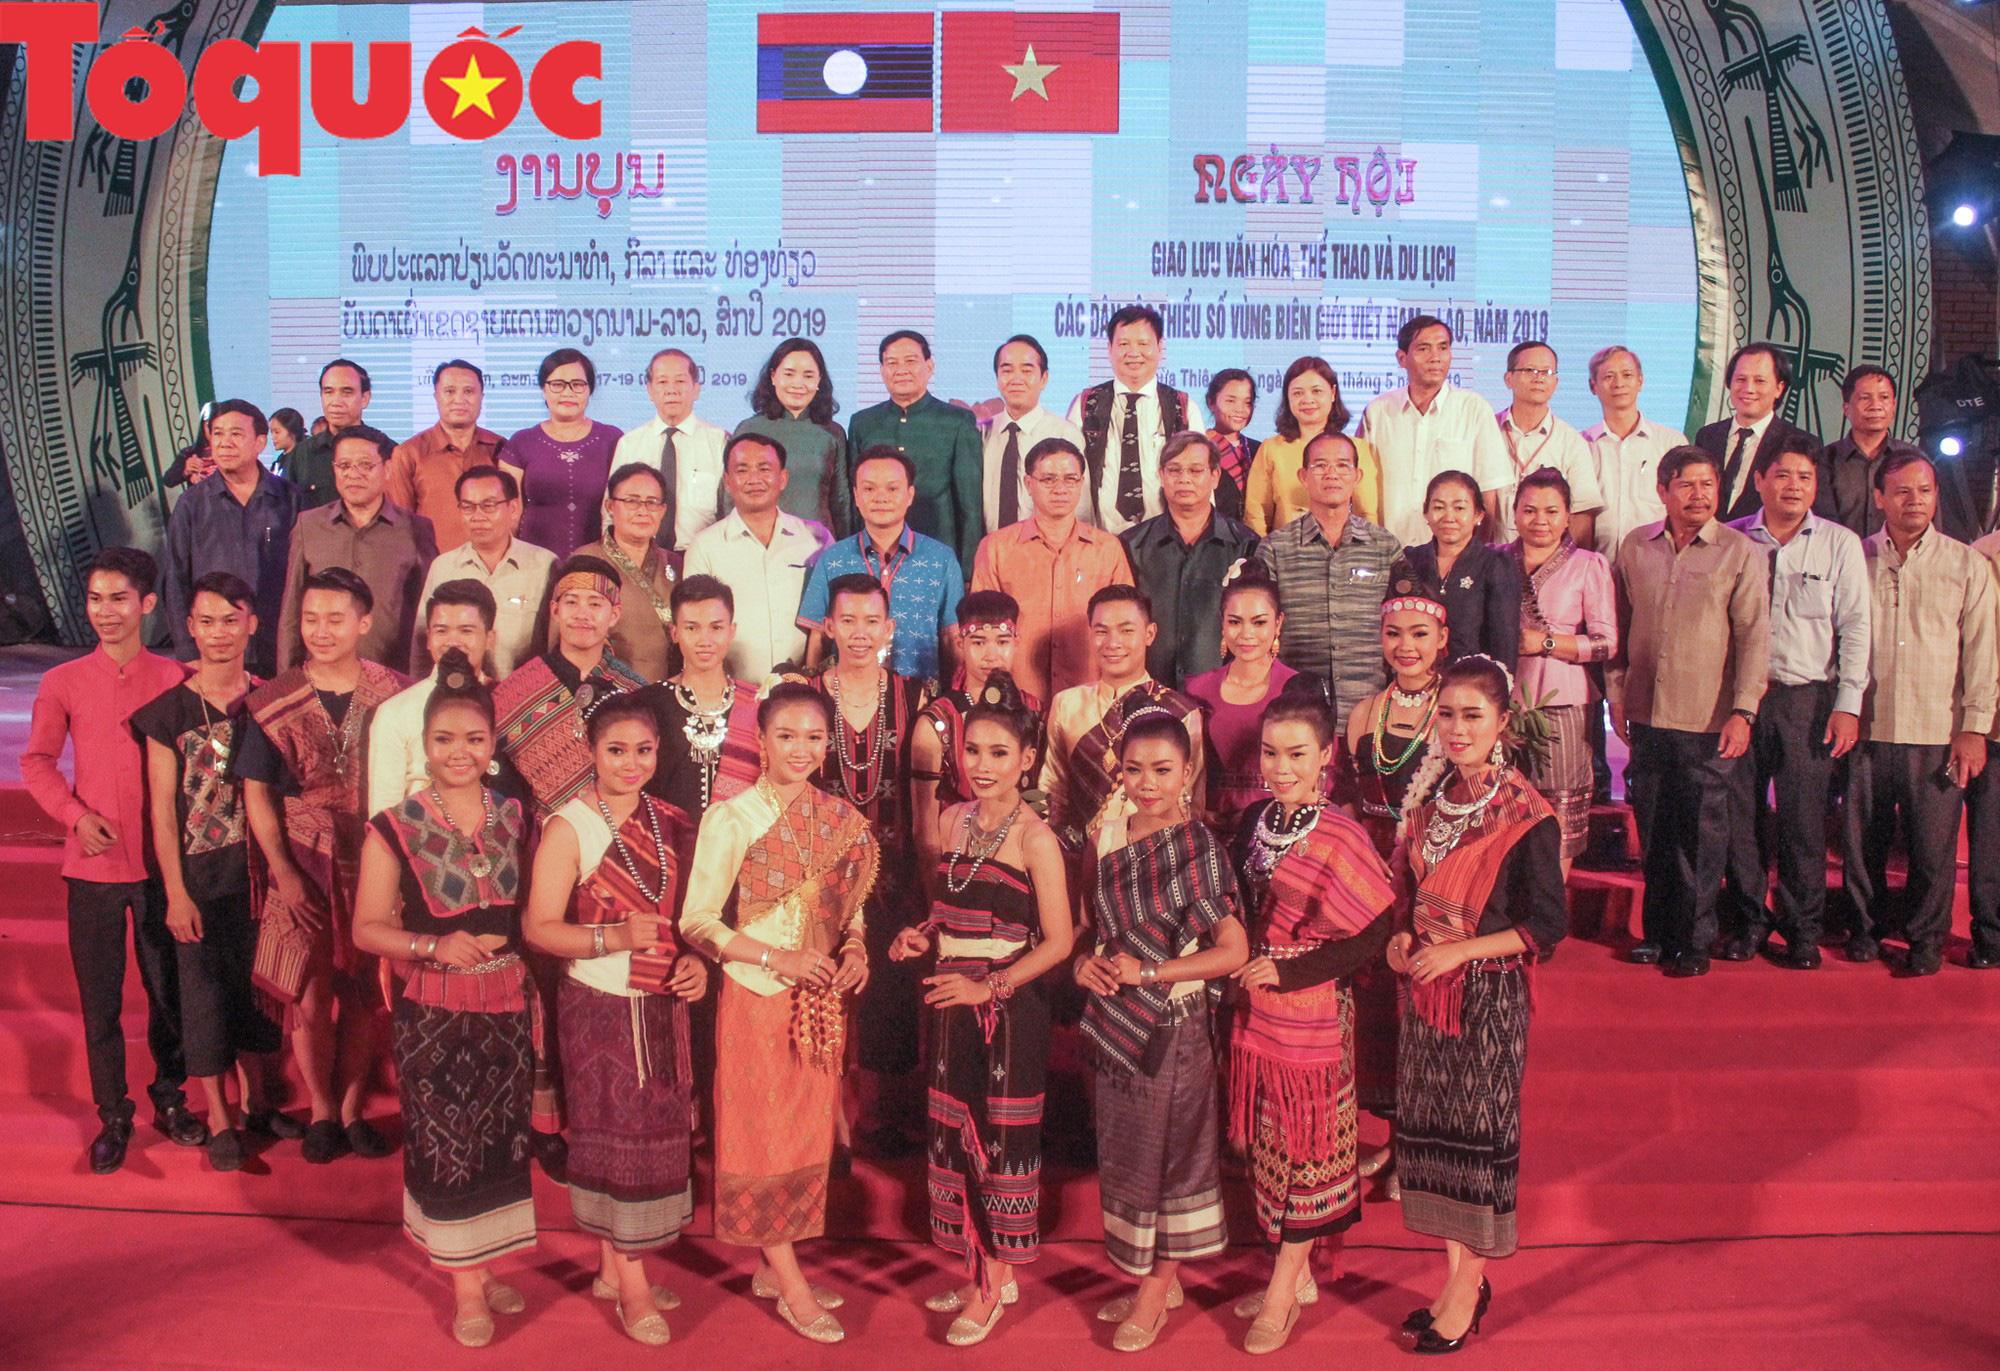 Khai mạc Ngày hội giao lưu văn hóa, thể thao, du lịch các dân tộc biên giới Việt Nam - Lào - Ảnh 3.